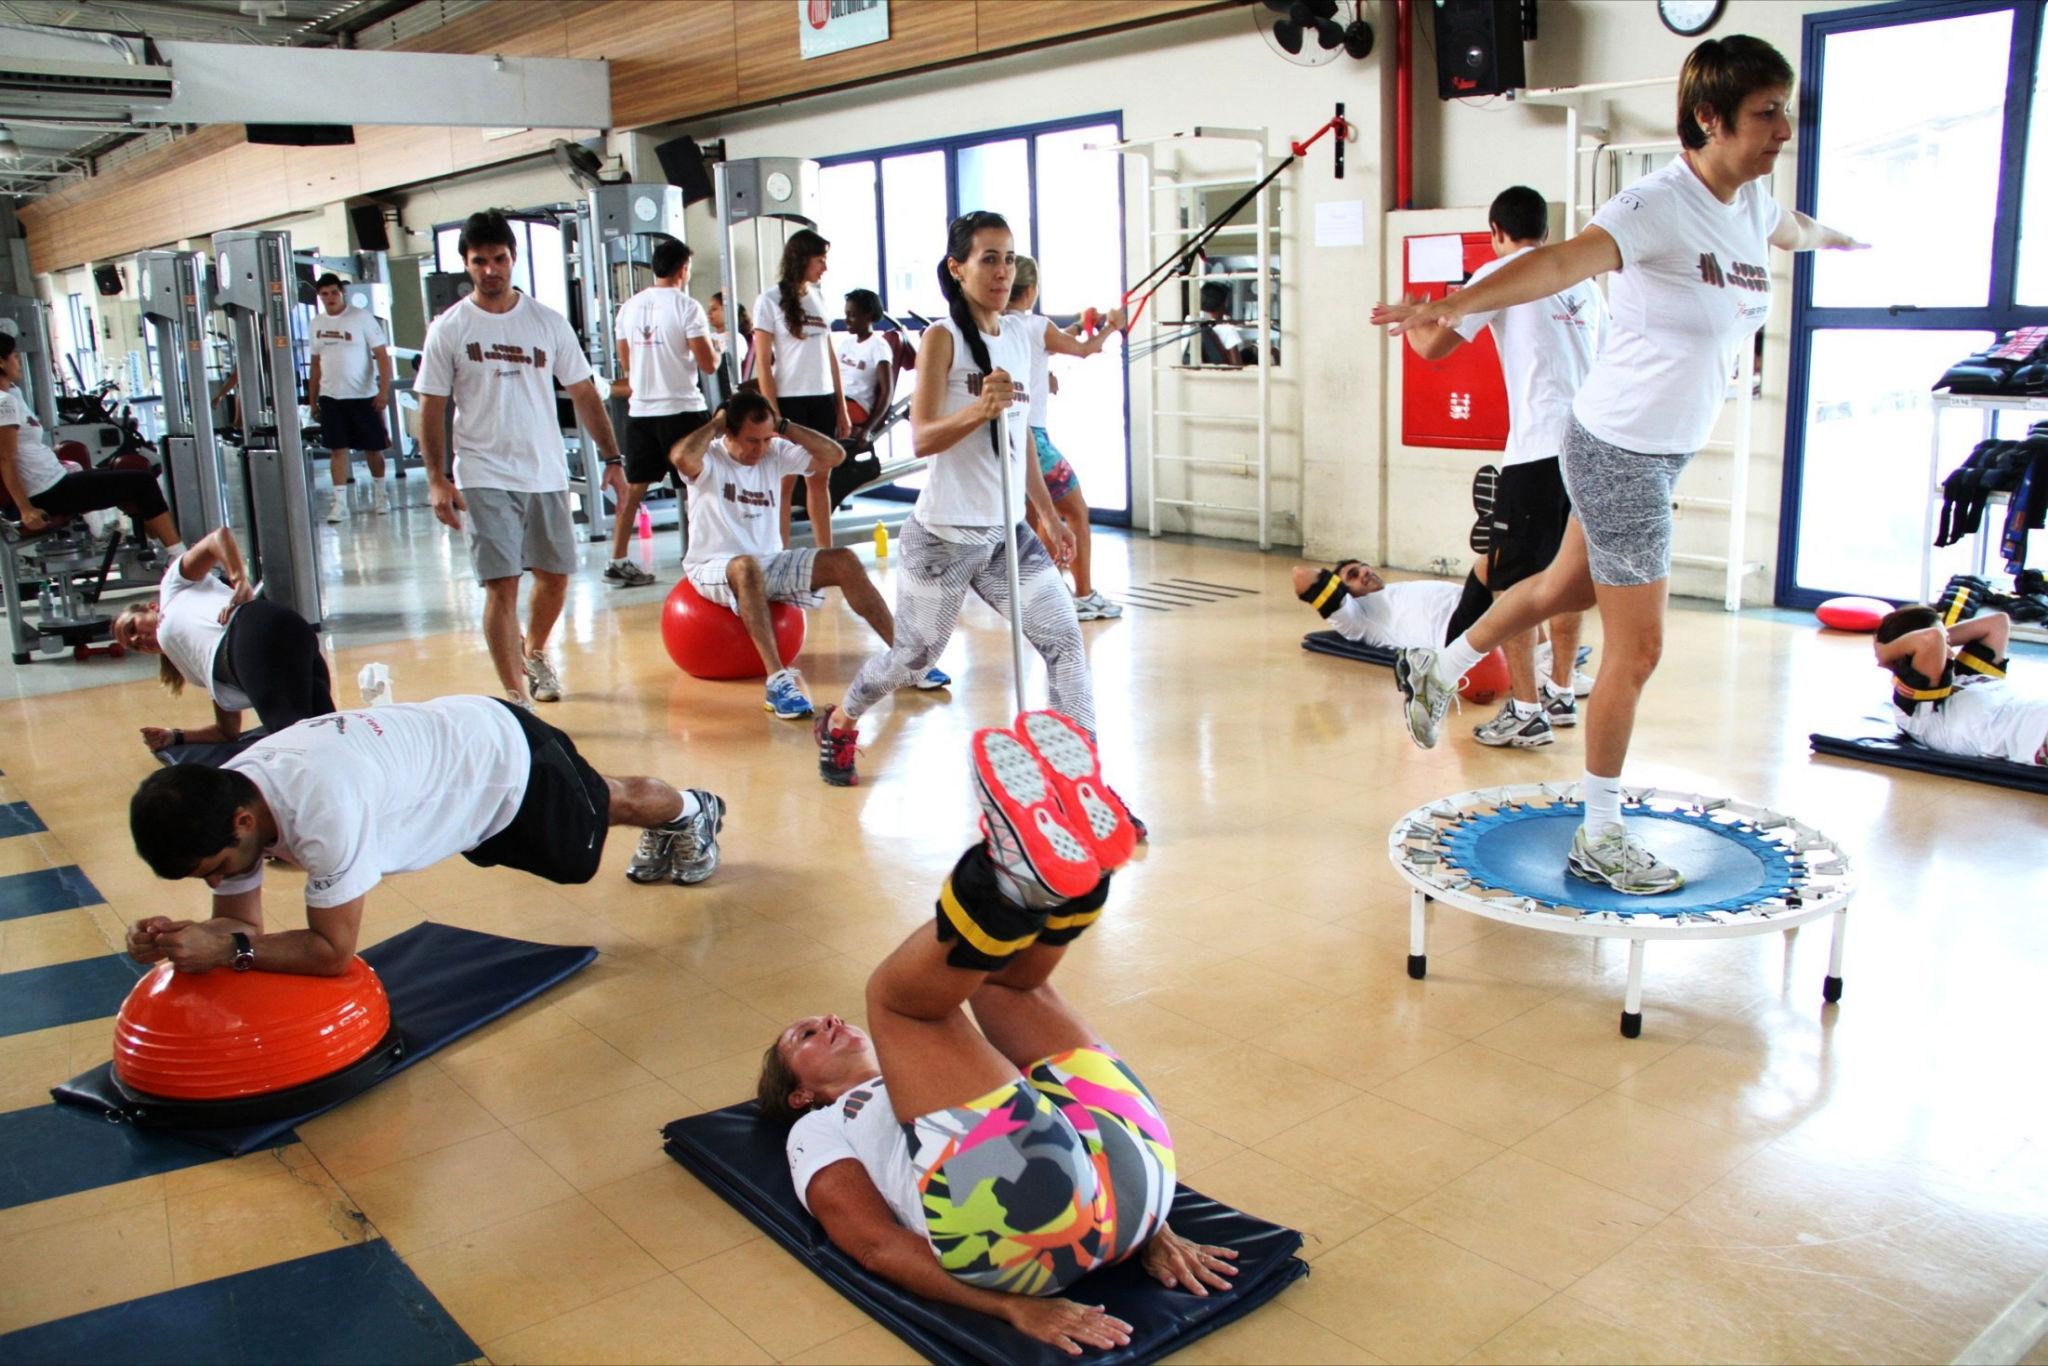 Treino em circuíto ajuda a ganhar força e desenvolver músculos